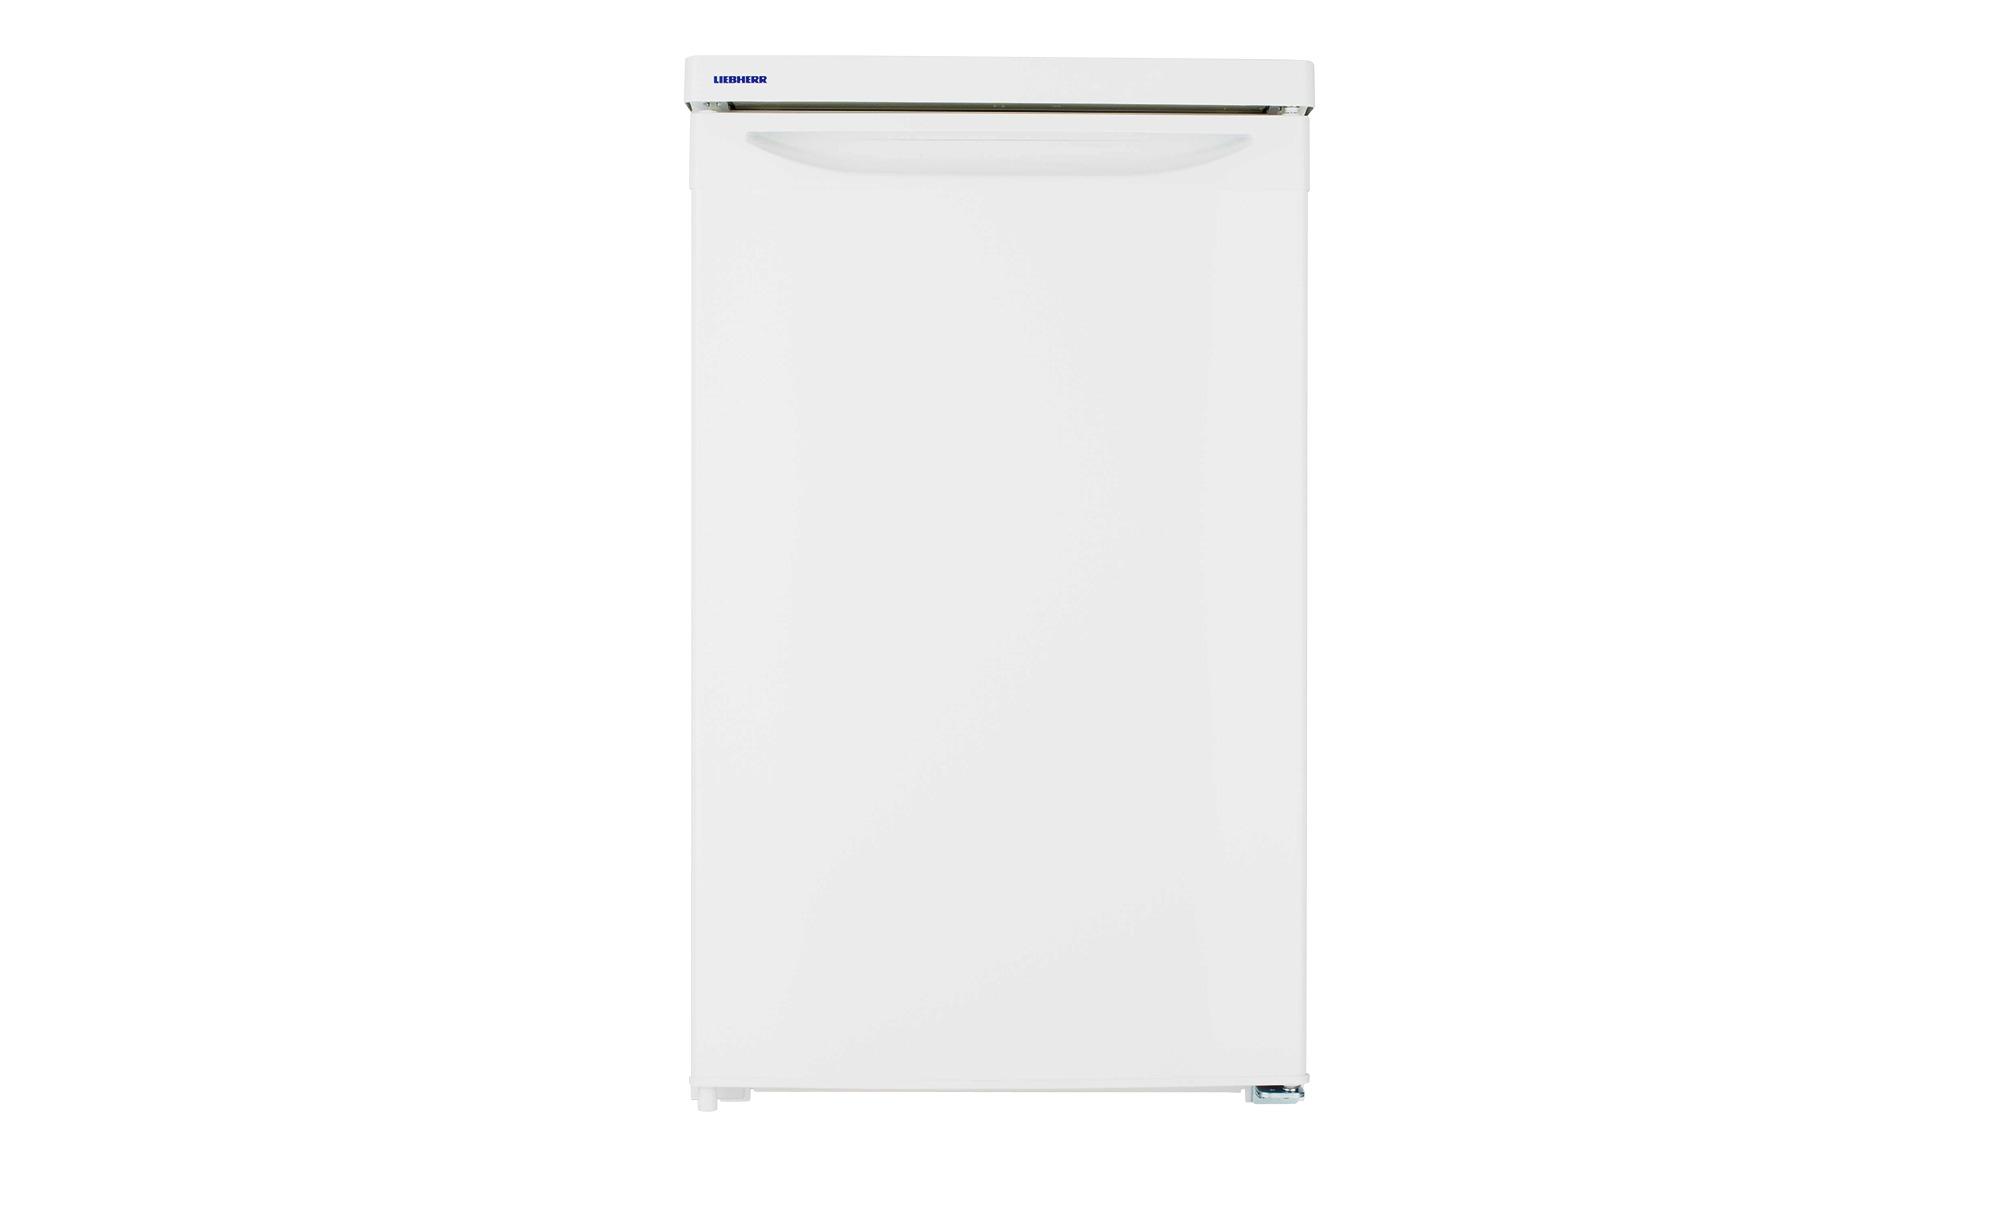 LIEBHERR Kühlschrank  T1404-20 - weiß - Metall-lackiert, Kunststoff, Glas - 50,1 cm - 85 cm - 62 cm - Elektrogeräte > Kühlschränke - Möbel Kraft | Küche und Esszimmer > Küchenelektrogeräte > Kühlschränke | Glas | LIEBHERR